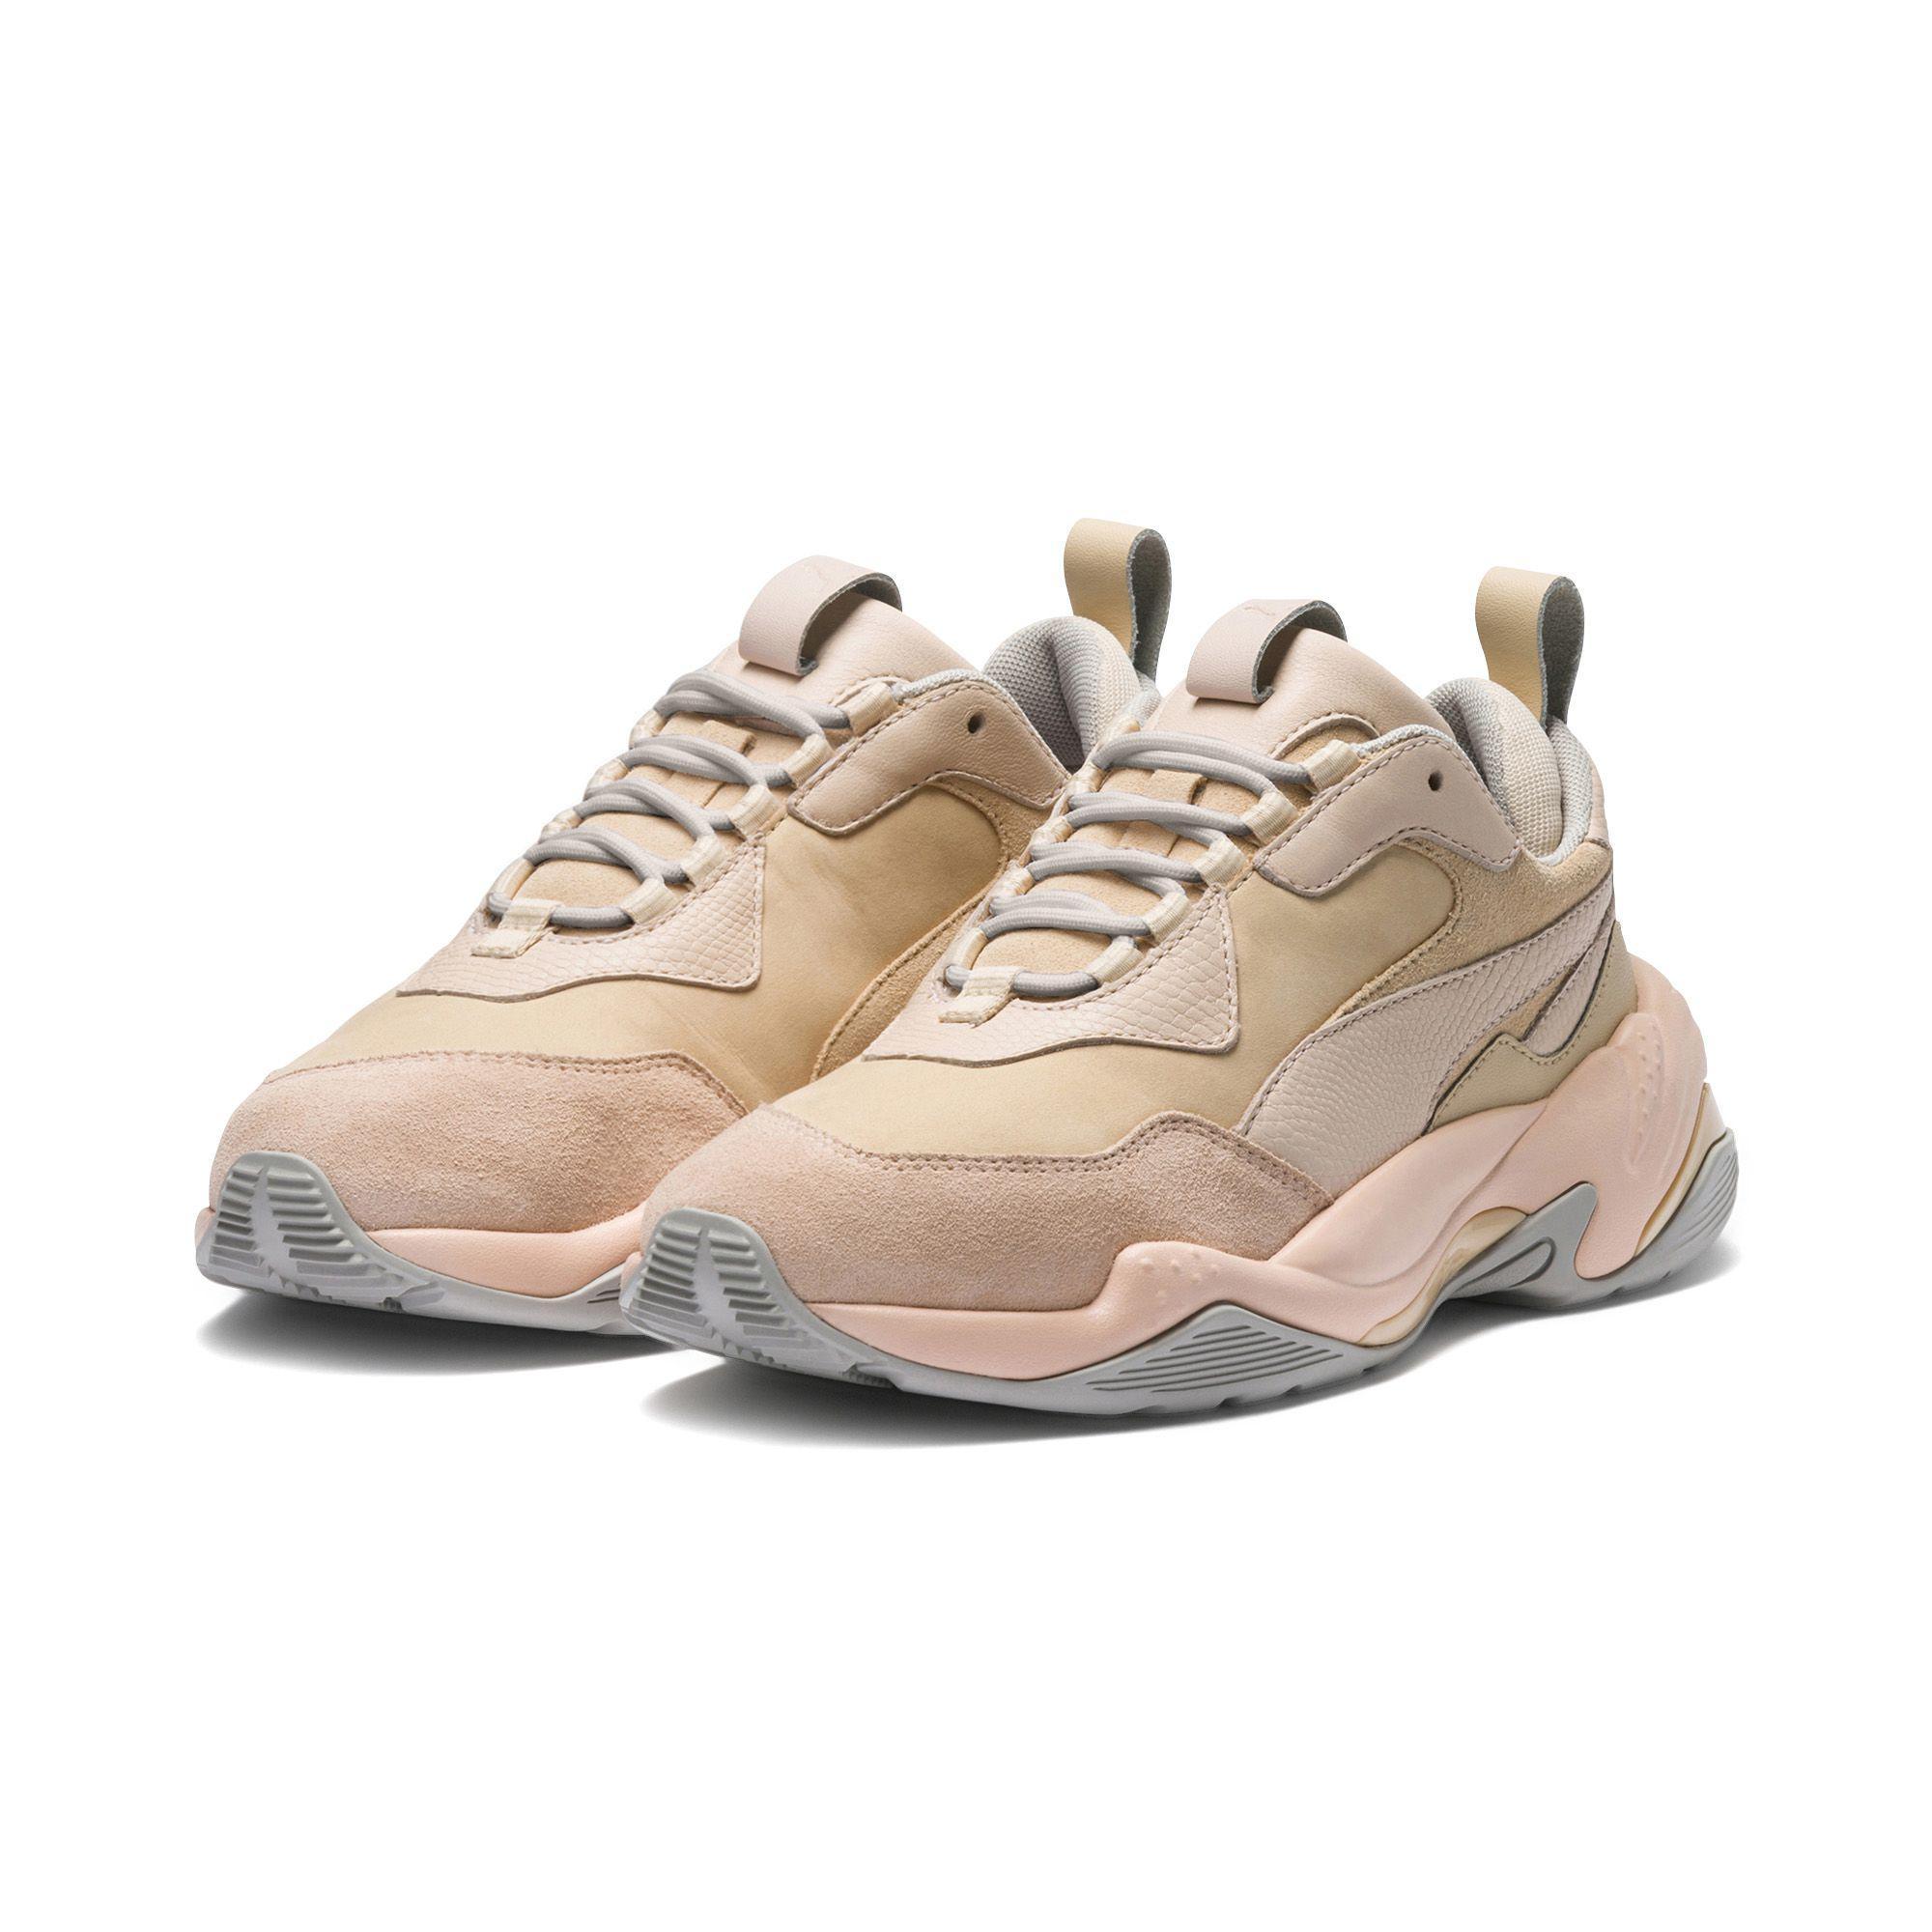 c8a817ba9471a2 PUMA - Natural Thunder Desert Women s Sneakers - Lyst. View fullscreen